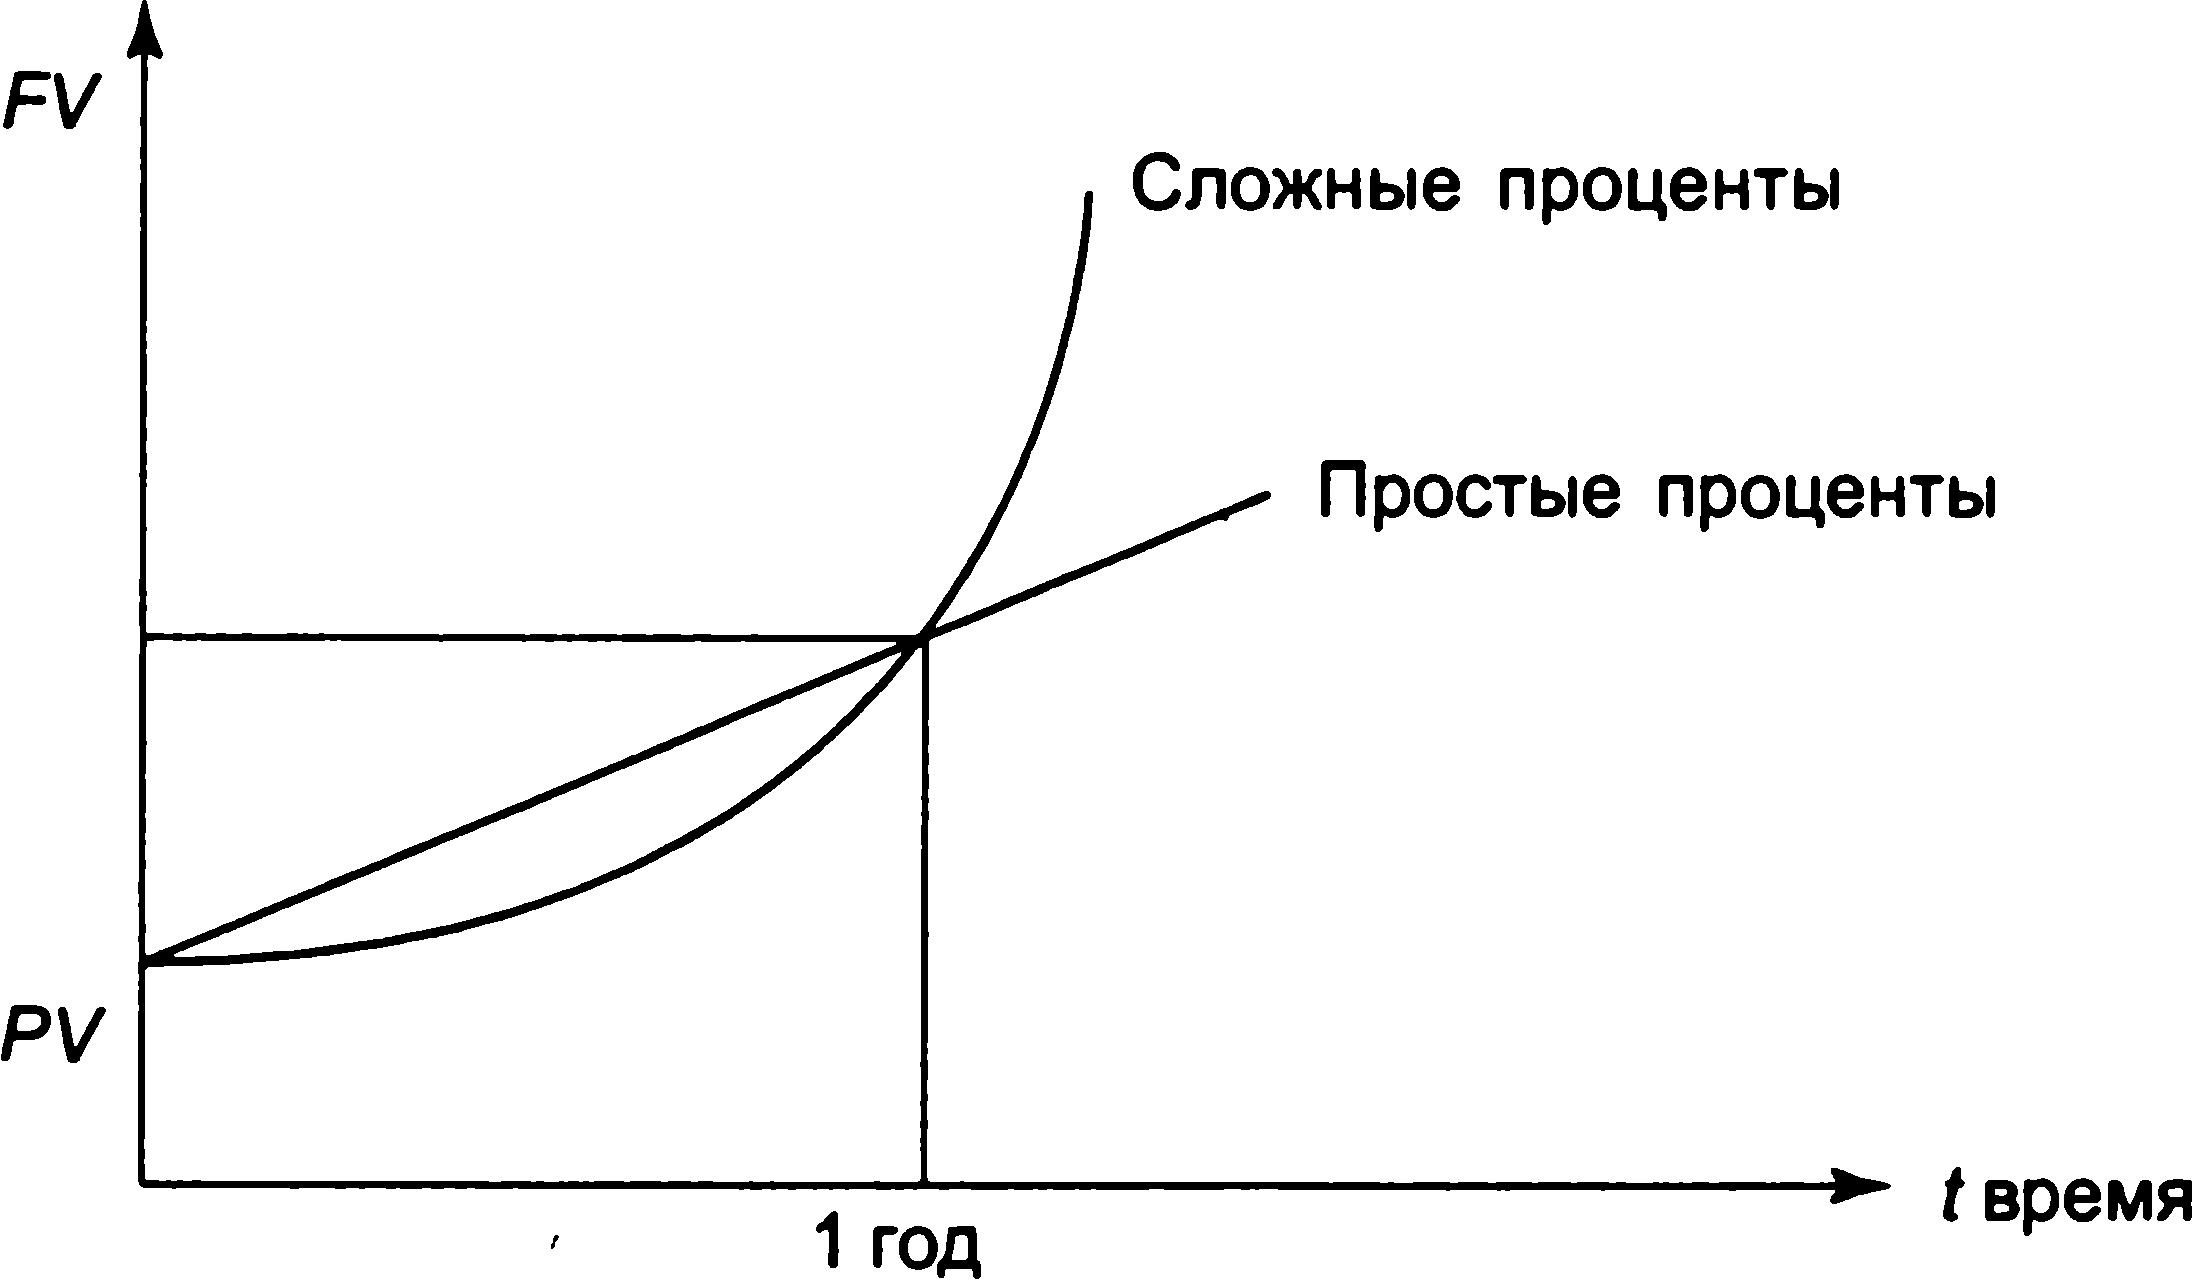 График доходности сложных процентов в сравнении с простыми